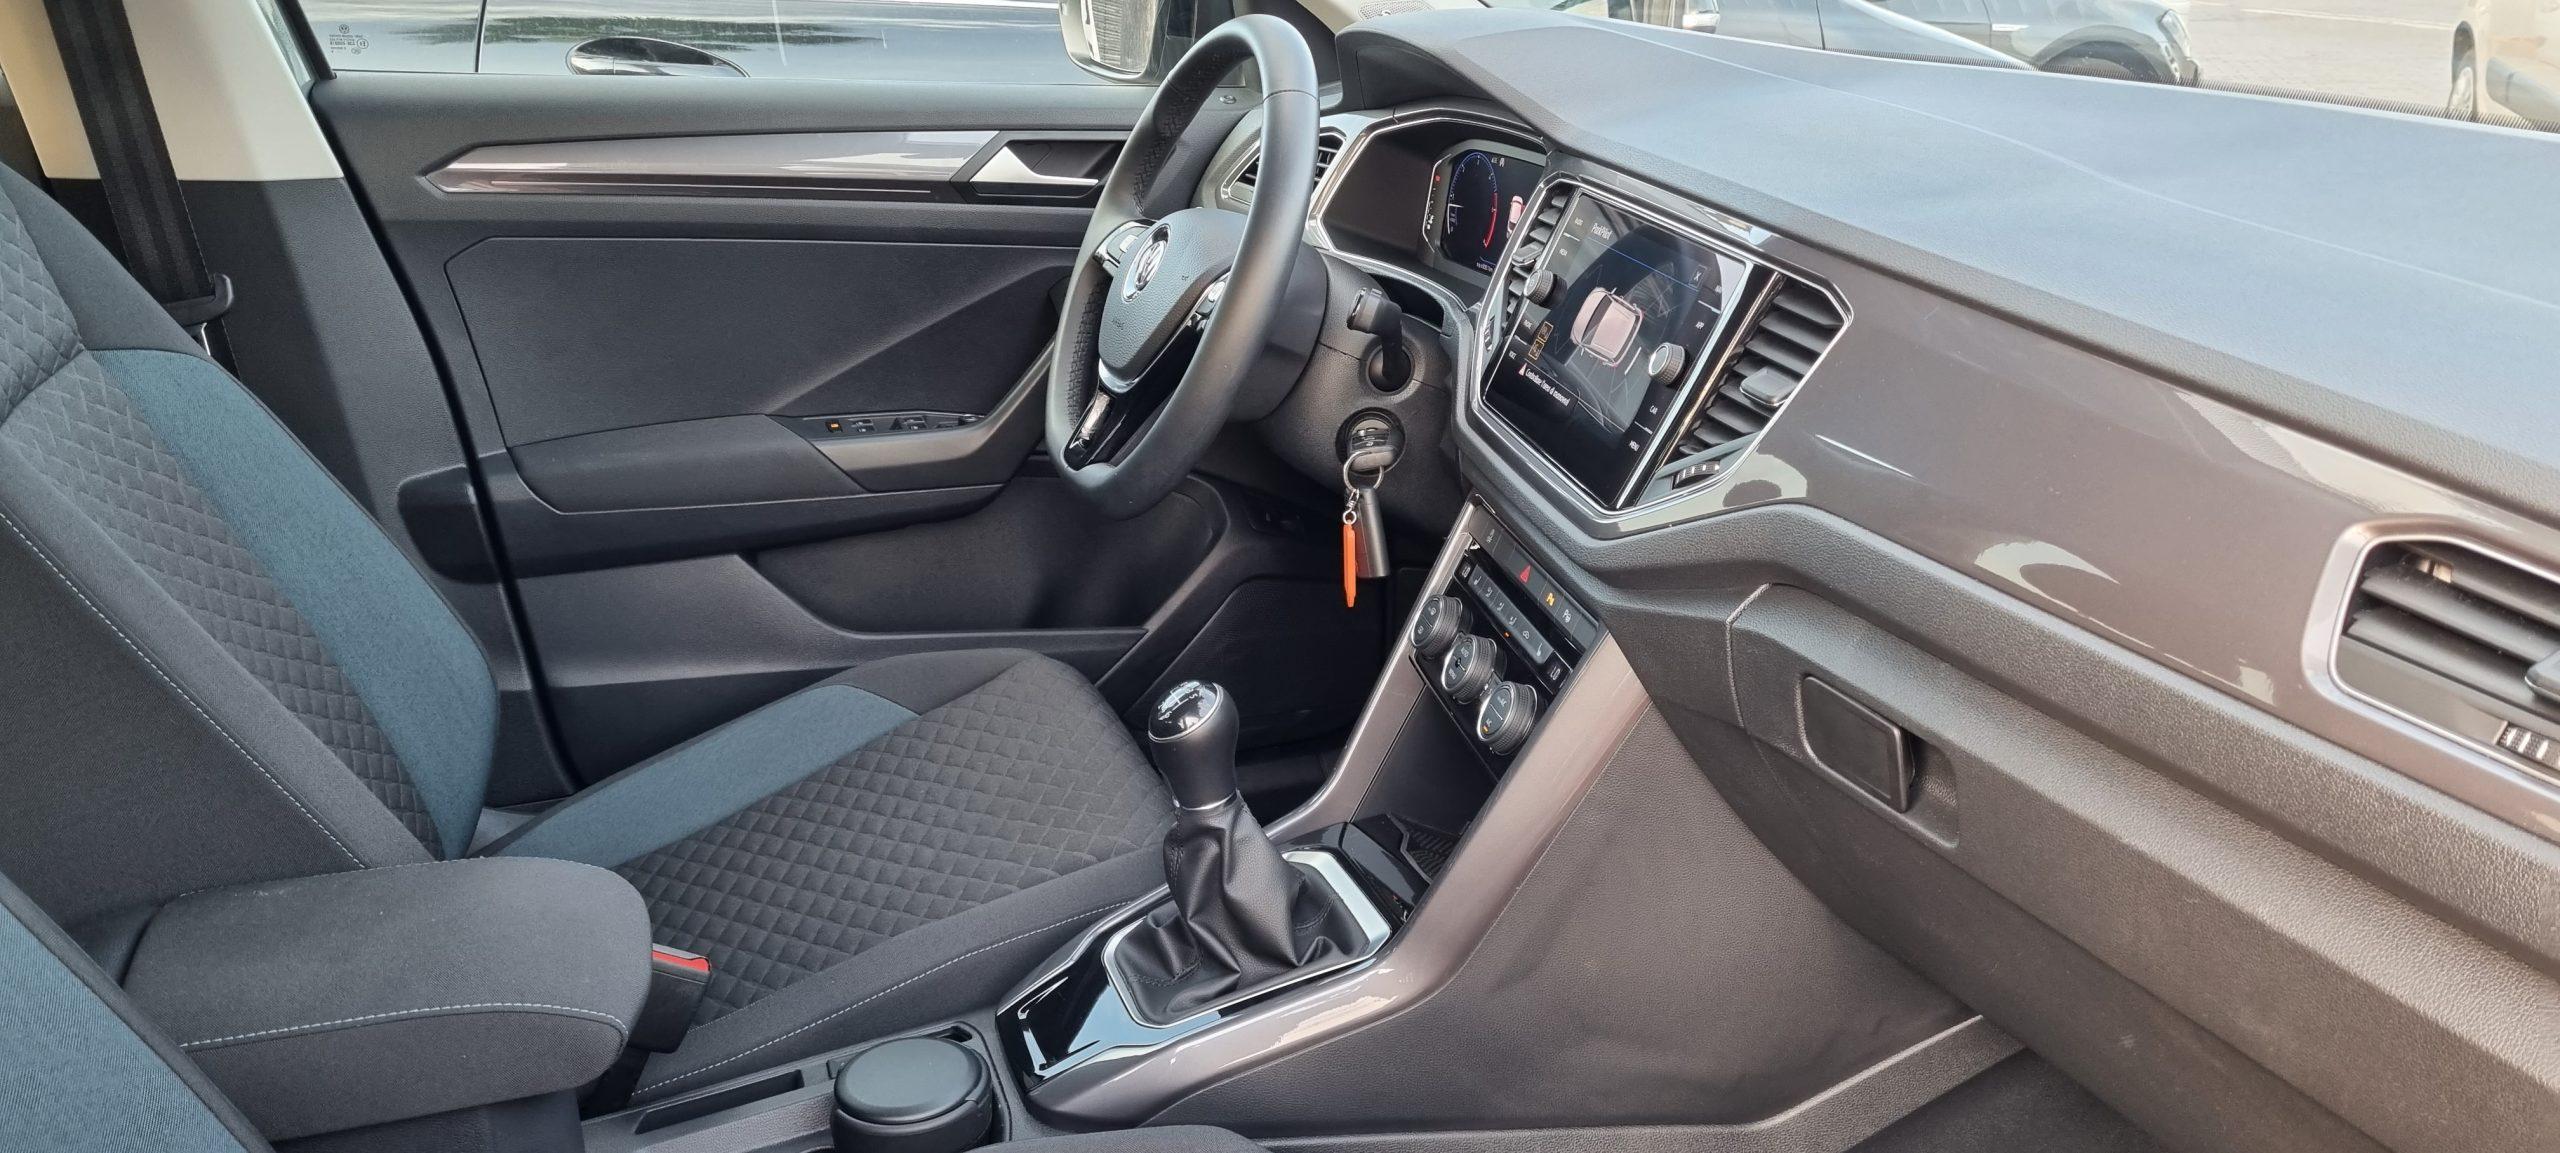 Volkswagen T-Roc 1.6 TDI IQ.DRIVE